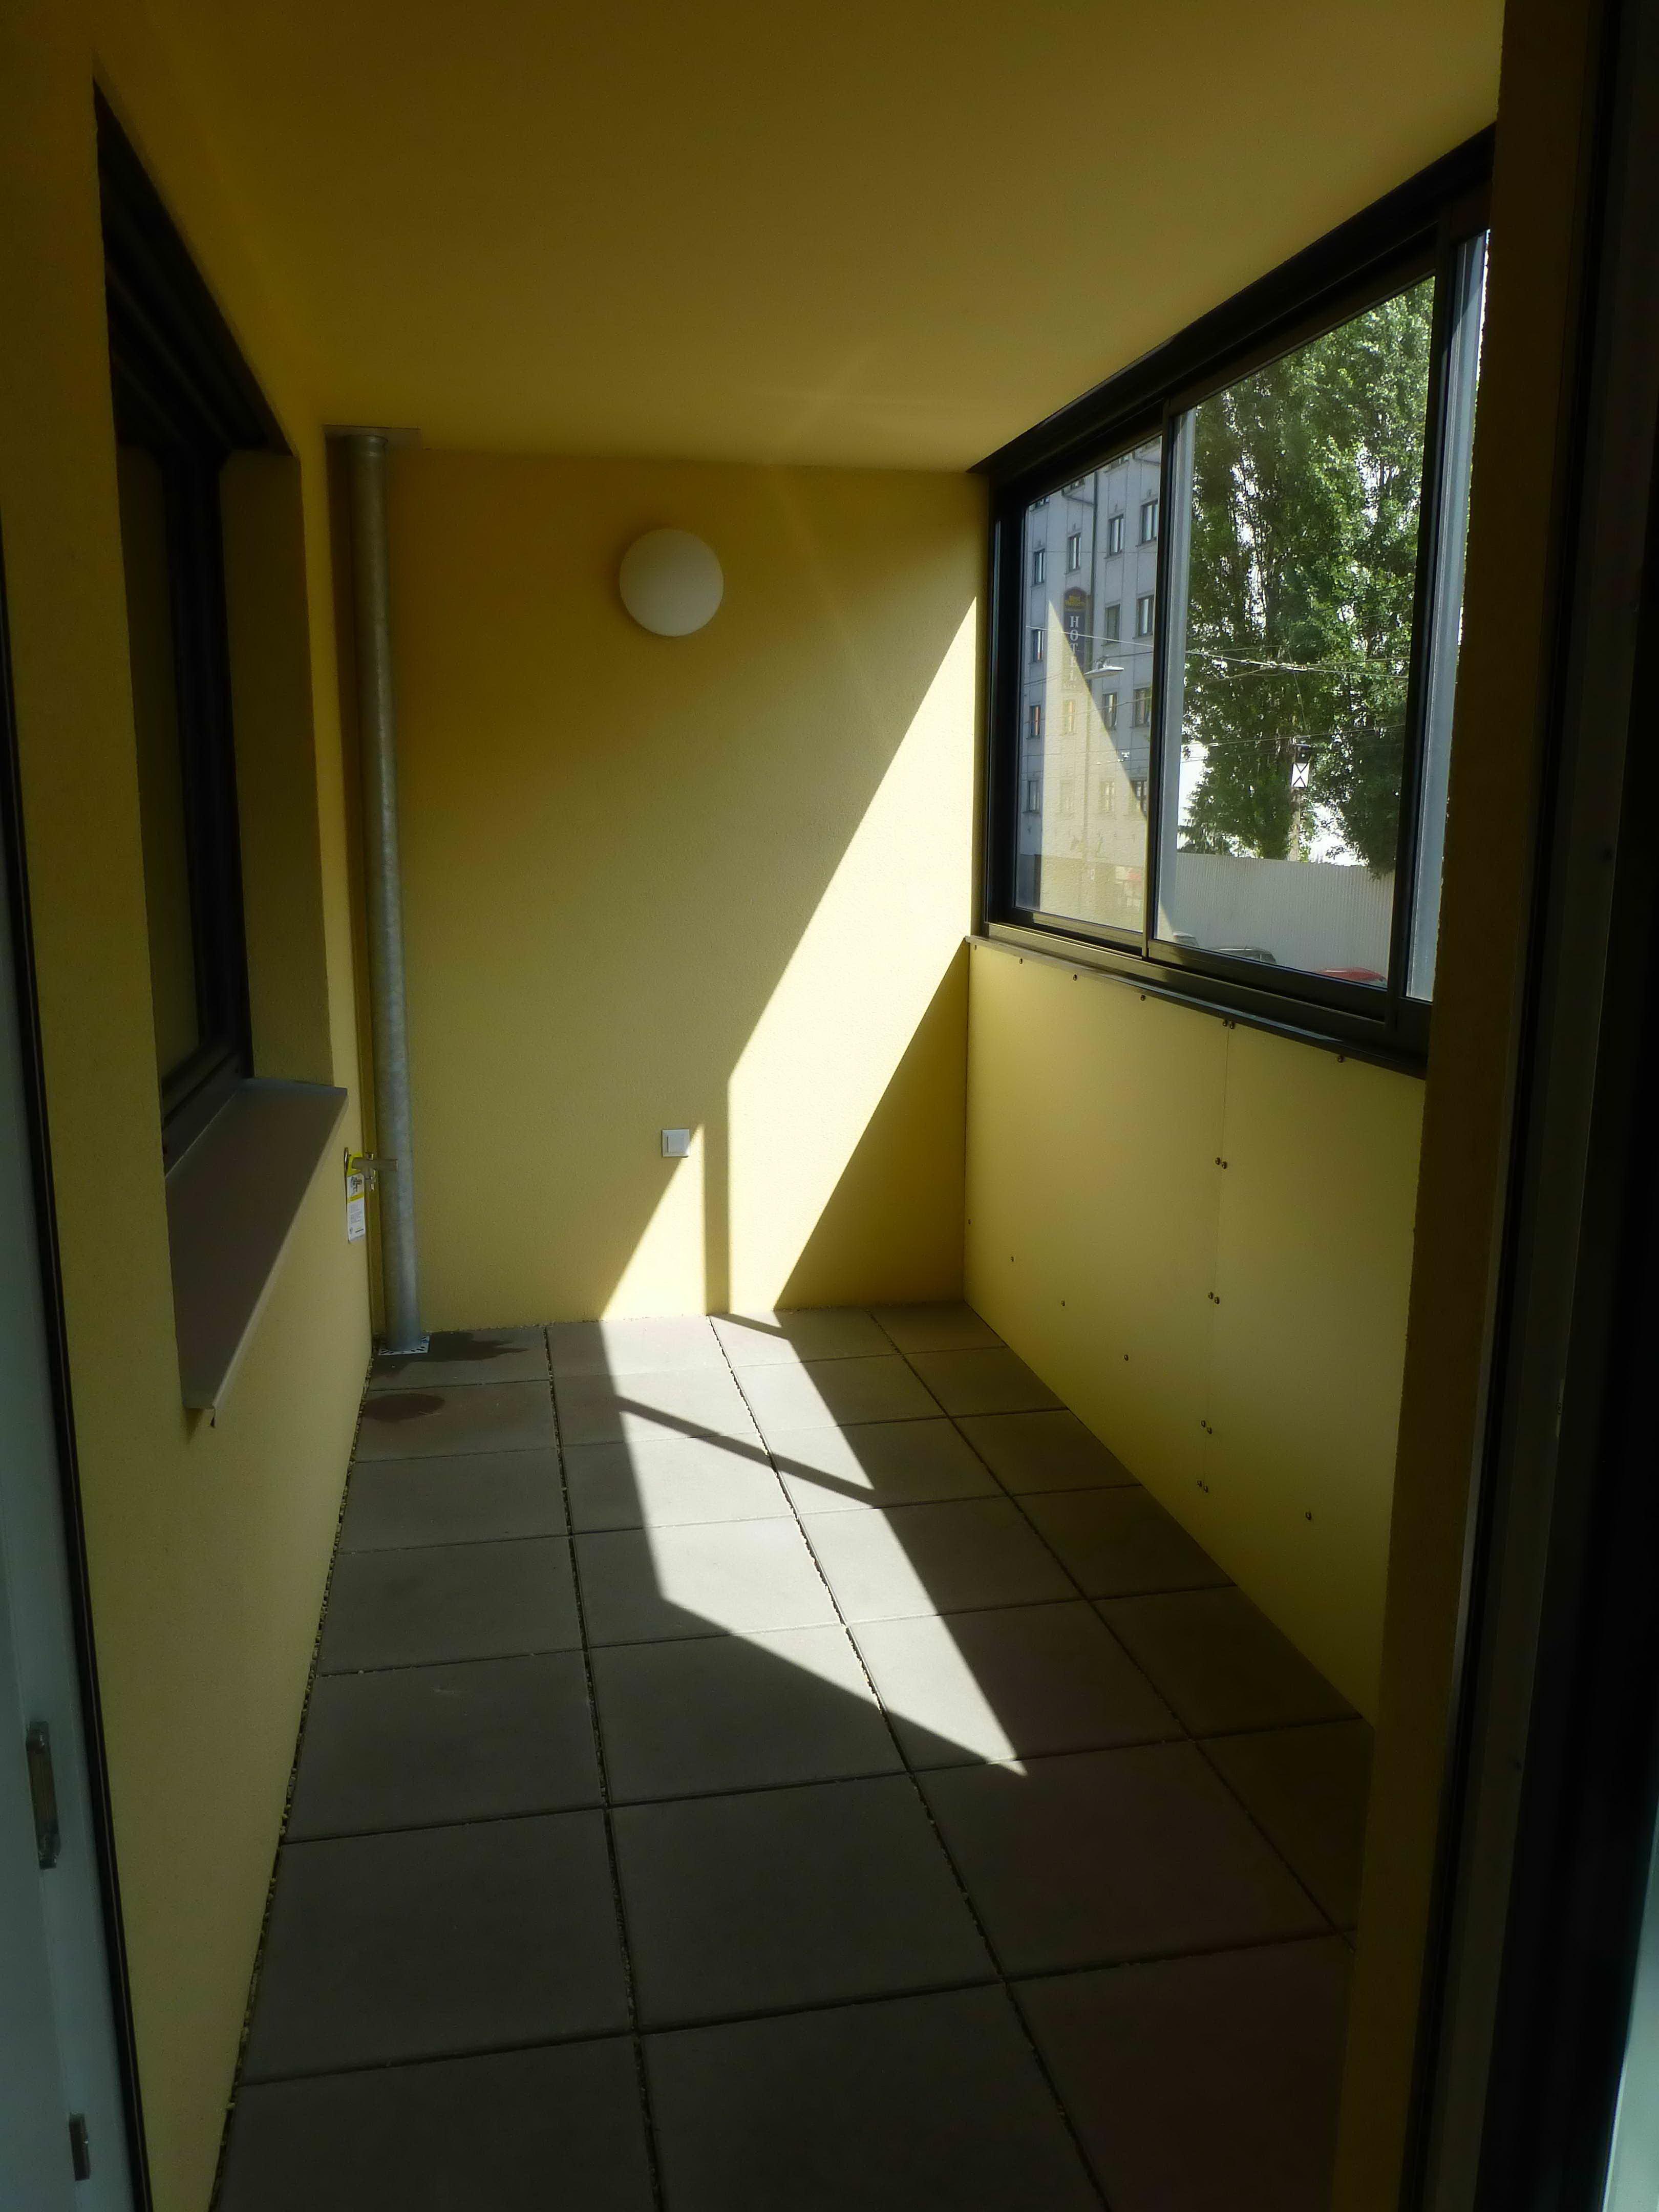 5 Zimmer Wohnung In Donaufelderstr233 Mietwohnung In 1210 Wien